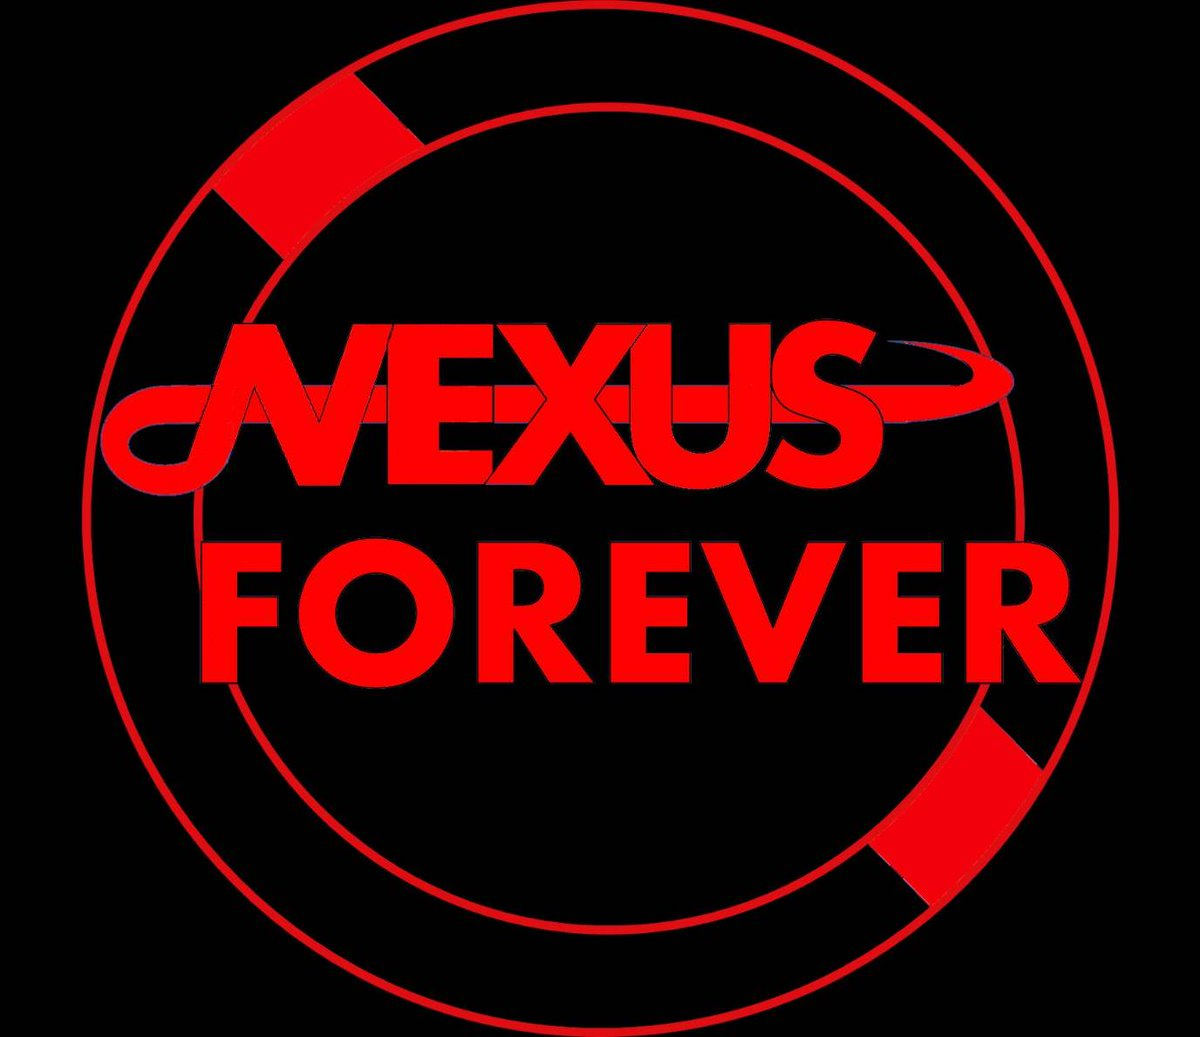 @JUNKO_RLH 以前Nexusアカウントもツイートして魔したがぬNexus内で各メンバーのイメージ色を決め魔した。赤、青、黄色の三色で構成されてて、私とニッケルさんが赤を選んだので、イメージカラーが赤です。 https://t.co/sBRn9s9YmD